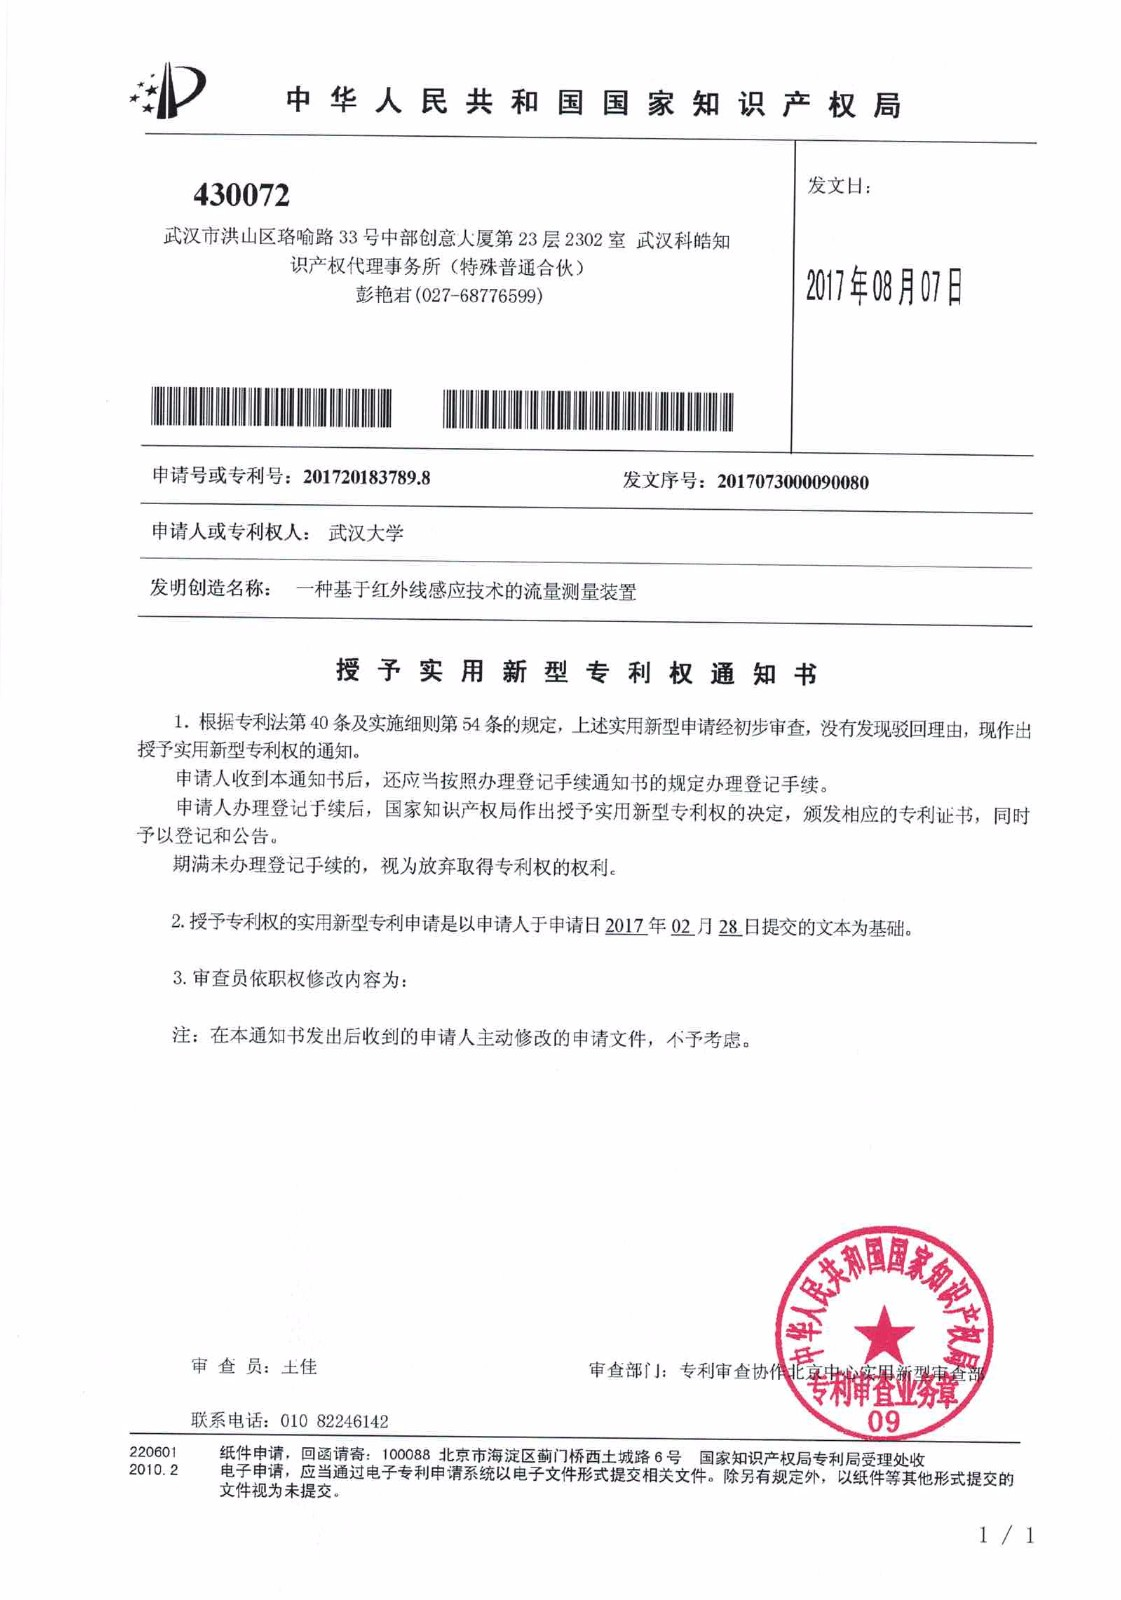 专利授权通知书